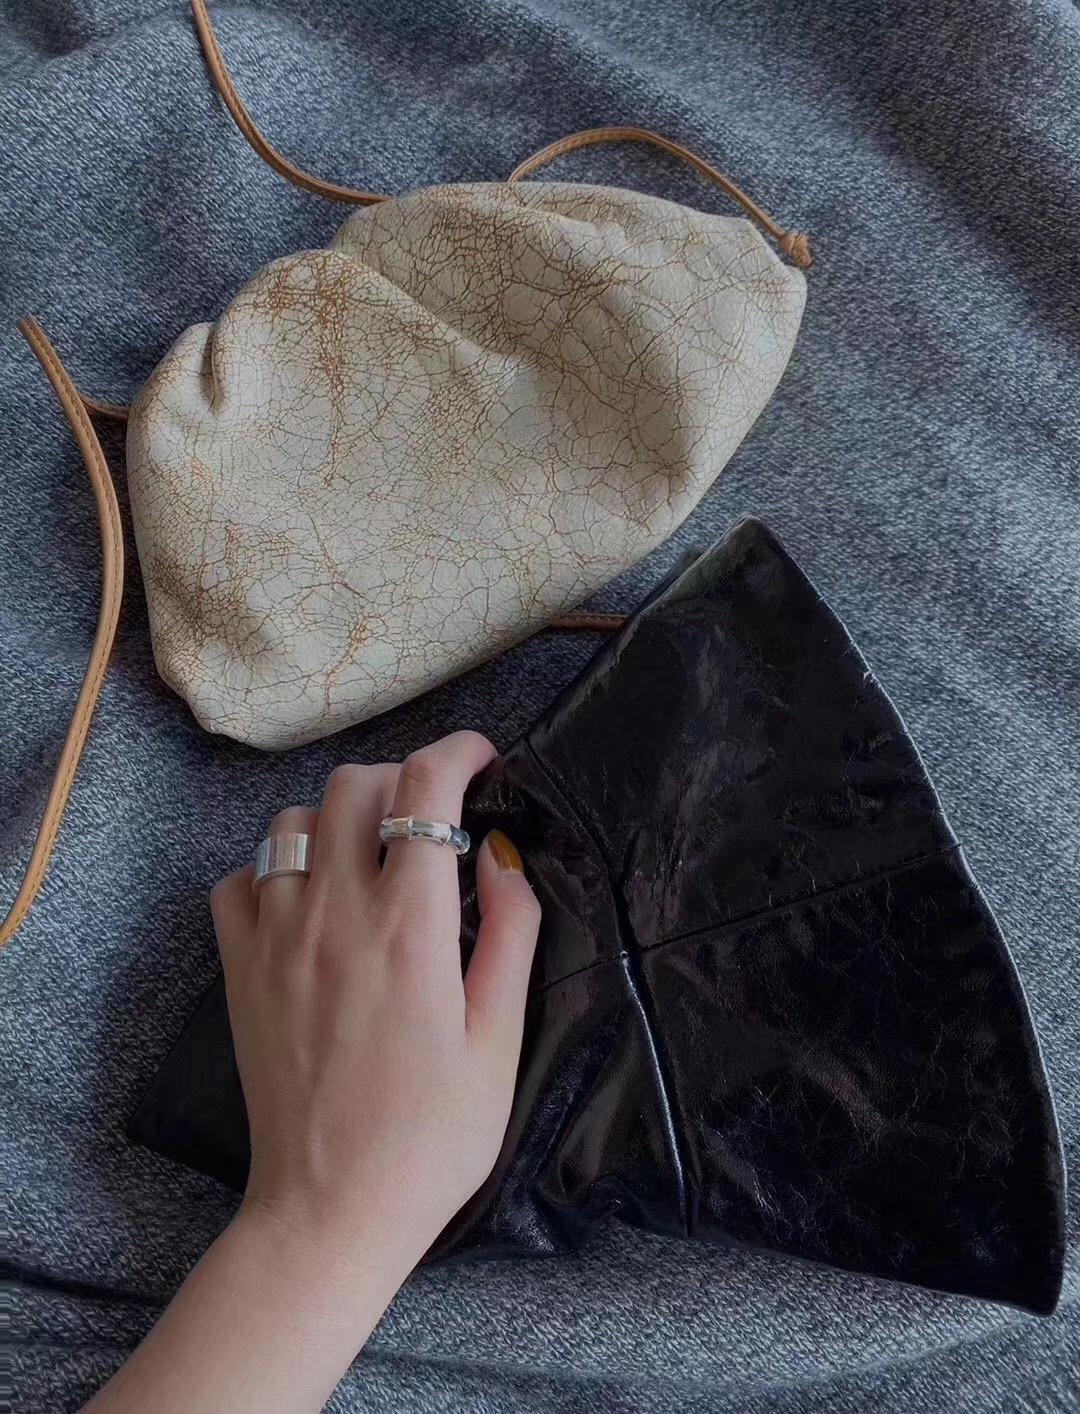 云朵包爆裂纹 今年最火 超级好搭配衣服 今年必备包包之一